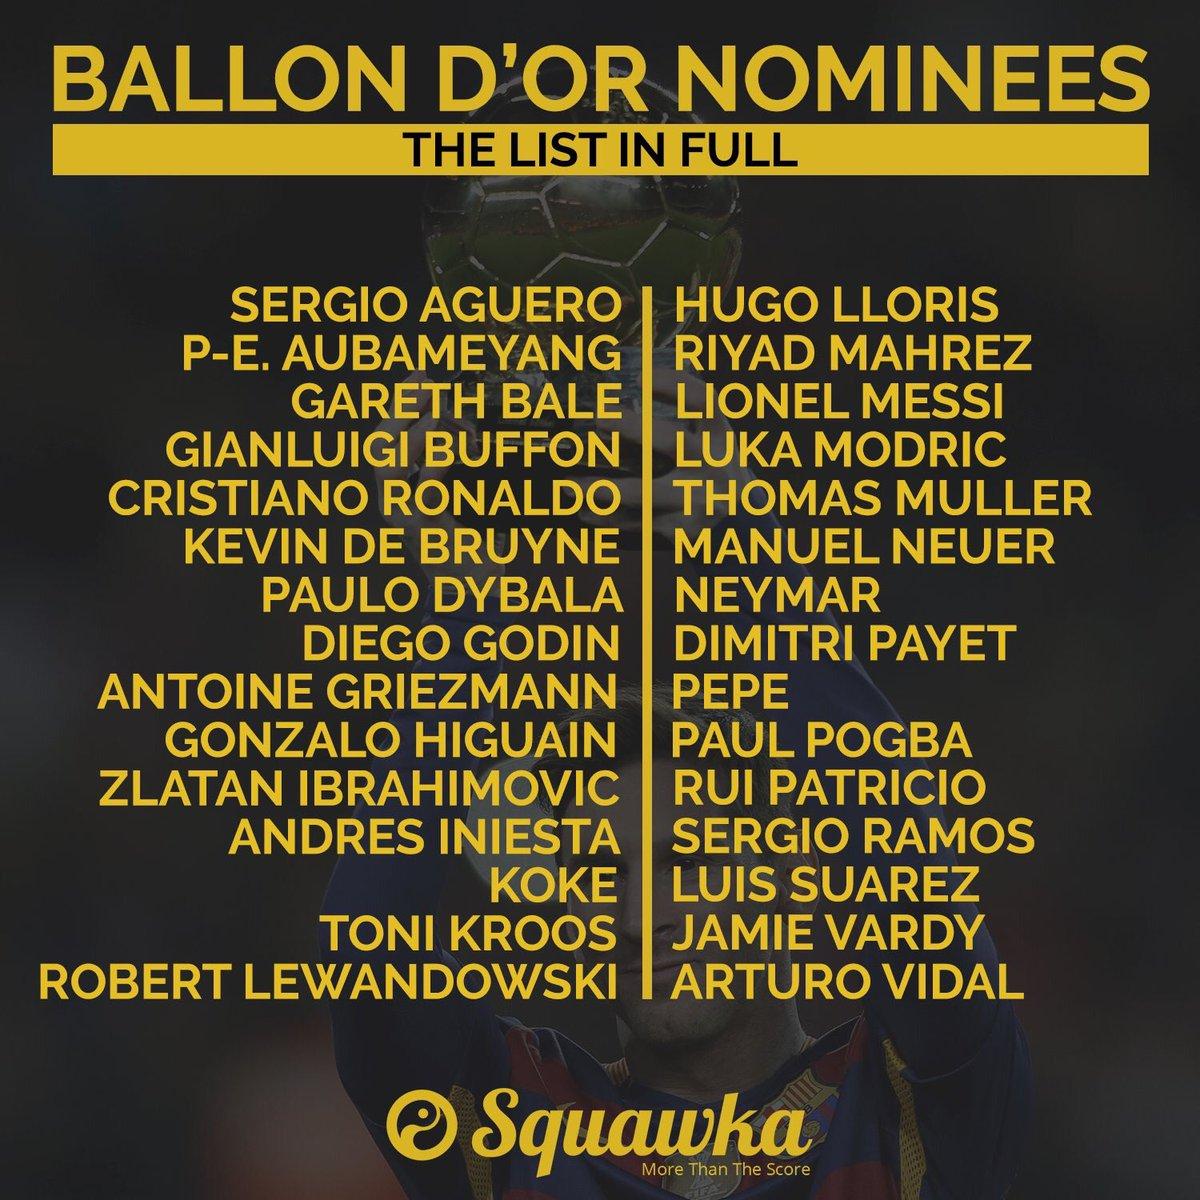 #BallonDor